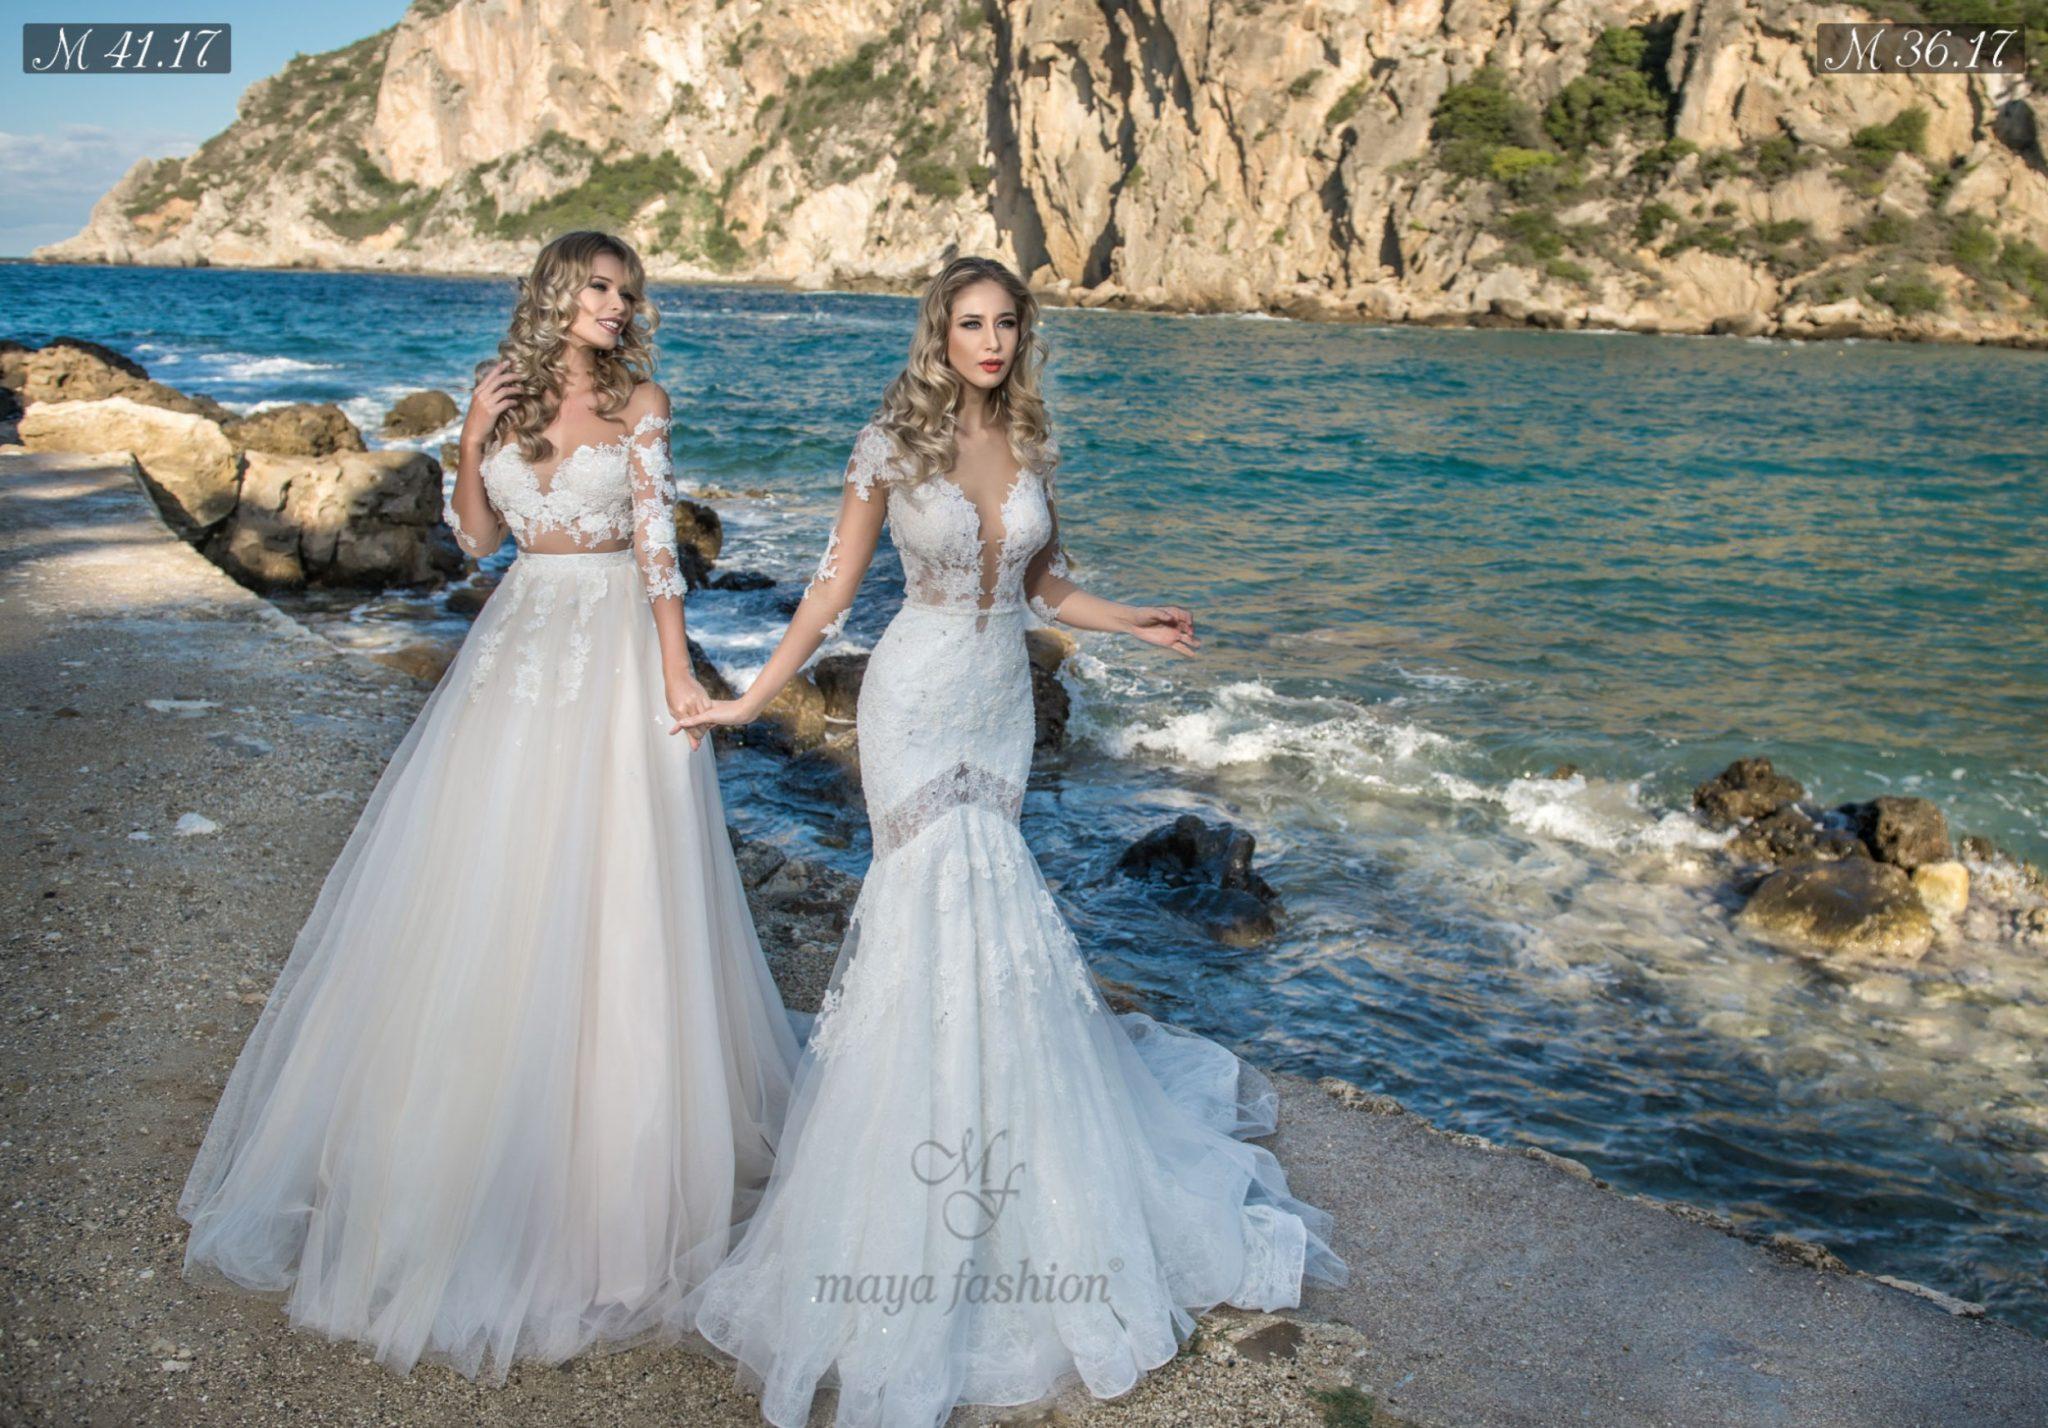 Rochii De Mireasa Maya Fashion Noua Colectie Serenity 2017